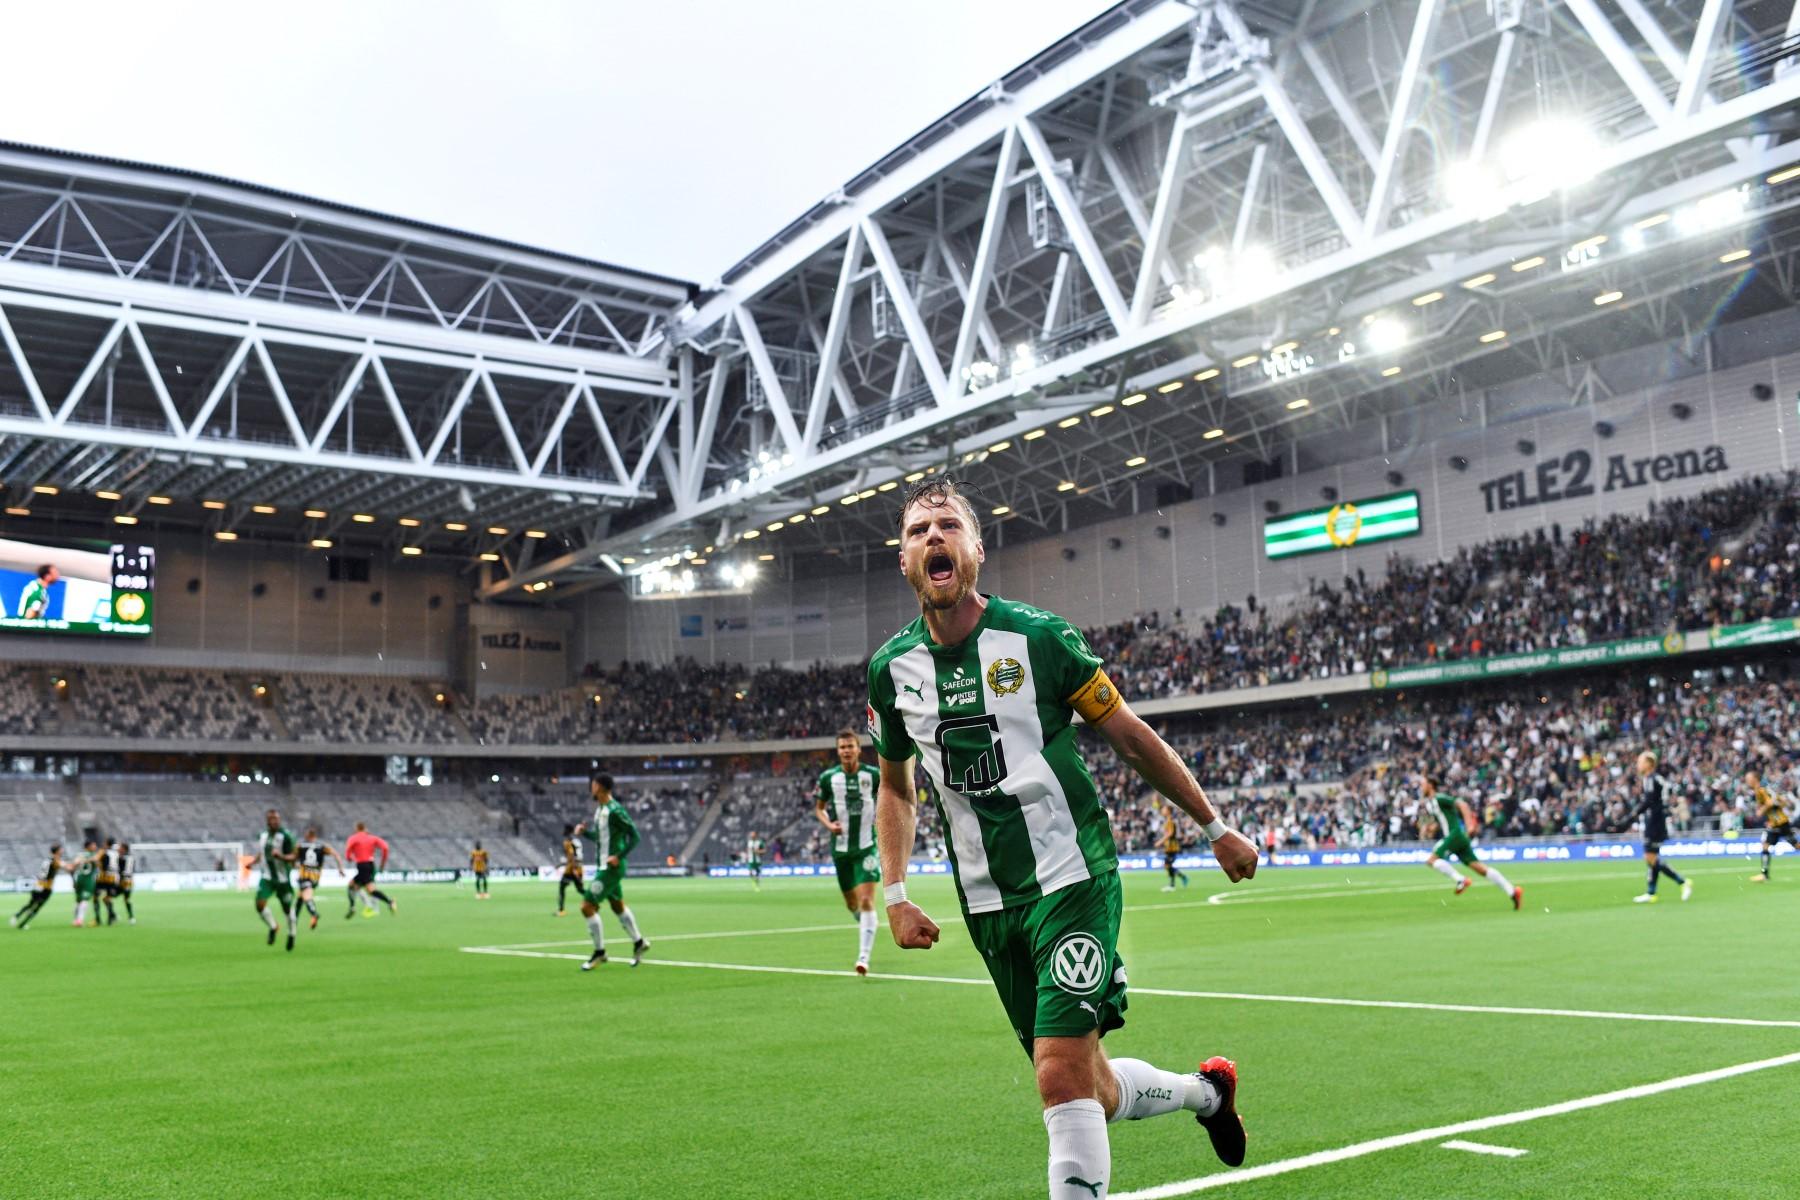 Fotboll, Allsvenskan, Hammarby - HŠcken